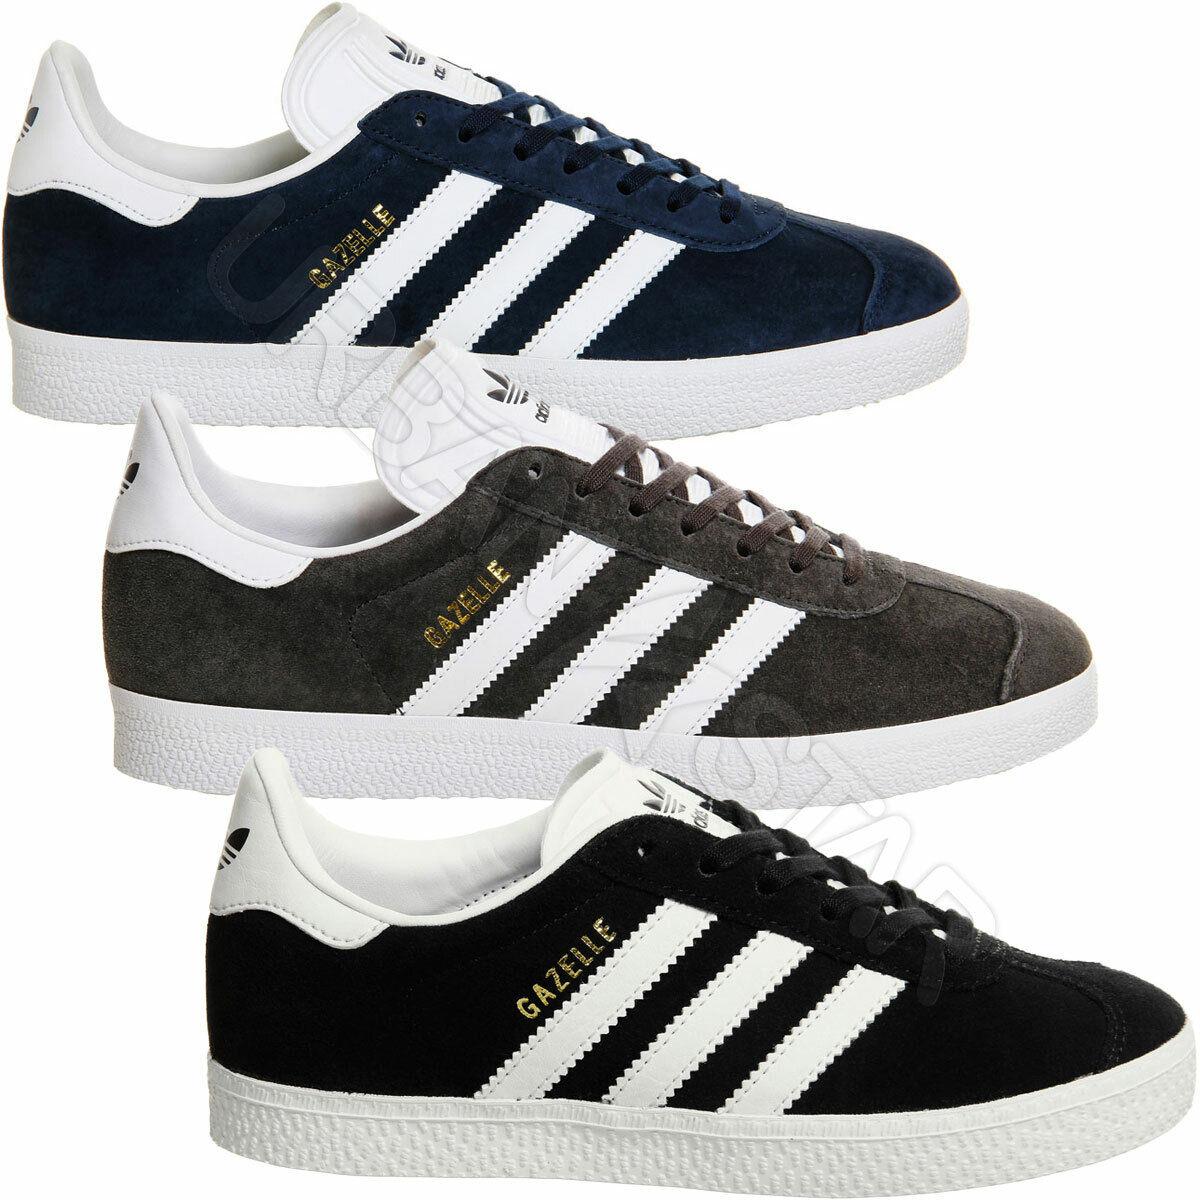 Adidas Originals Gazelle Zapatillas Hombre Cuero Gamuza Estilo Retro Zapatos Con Cordones